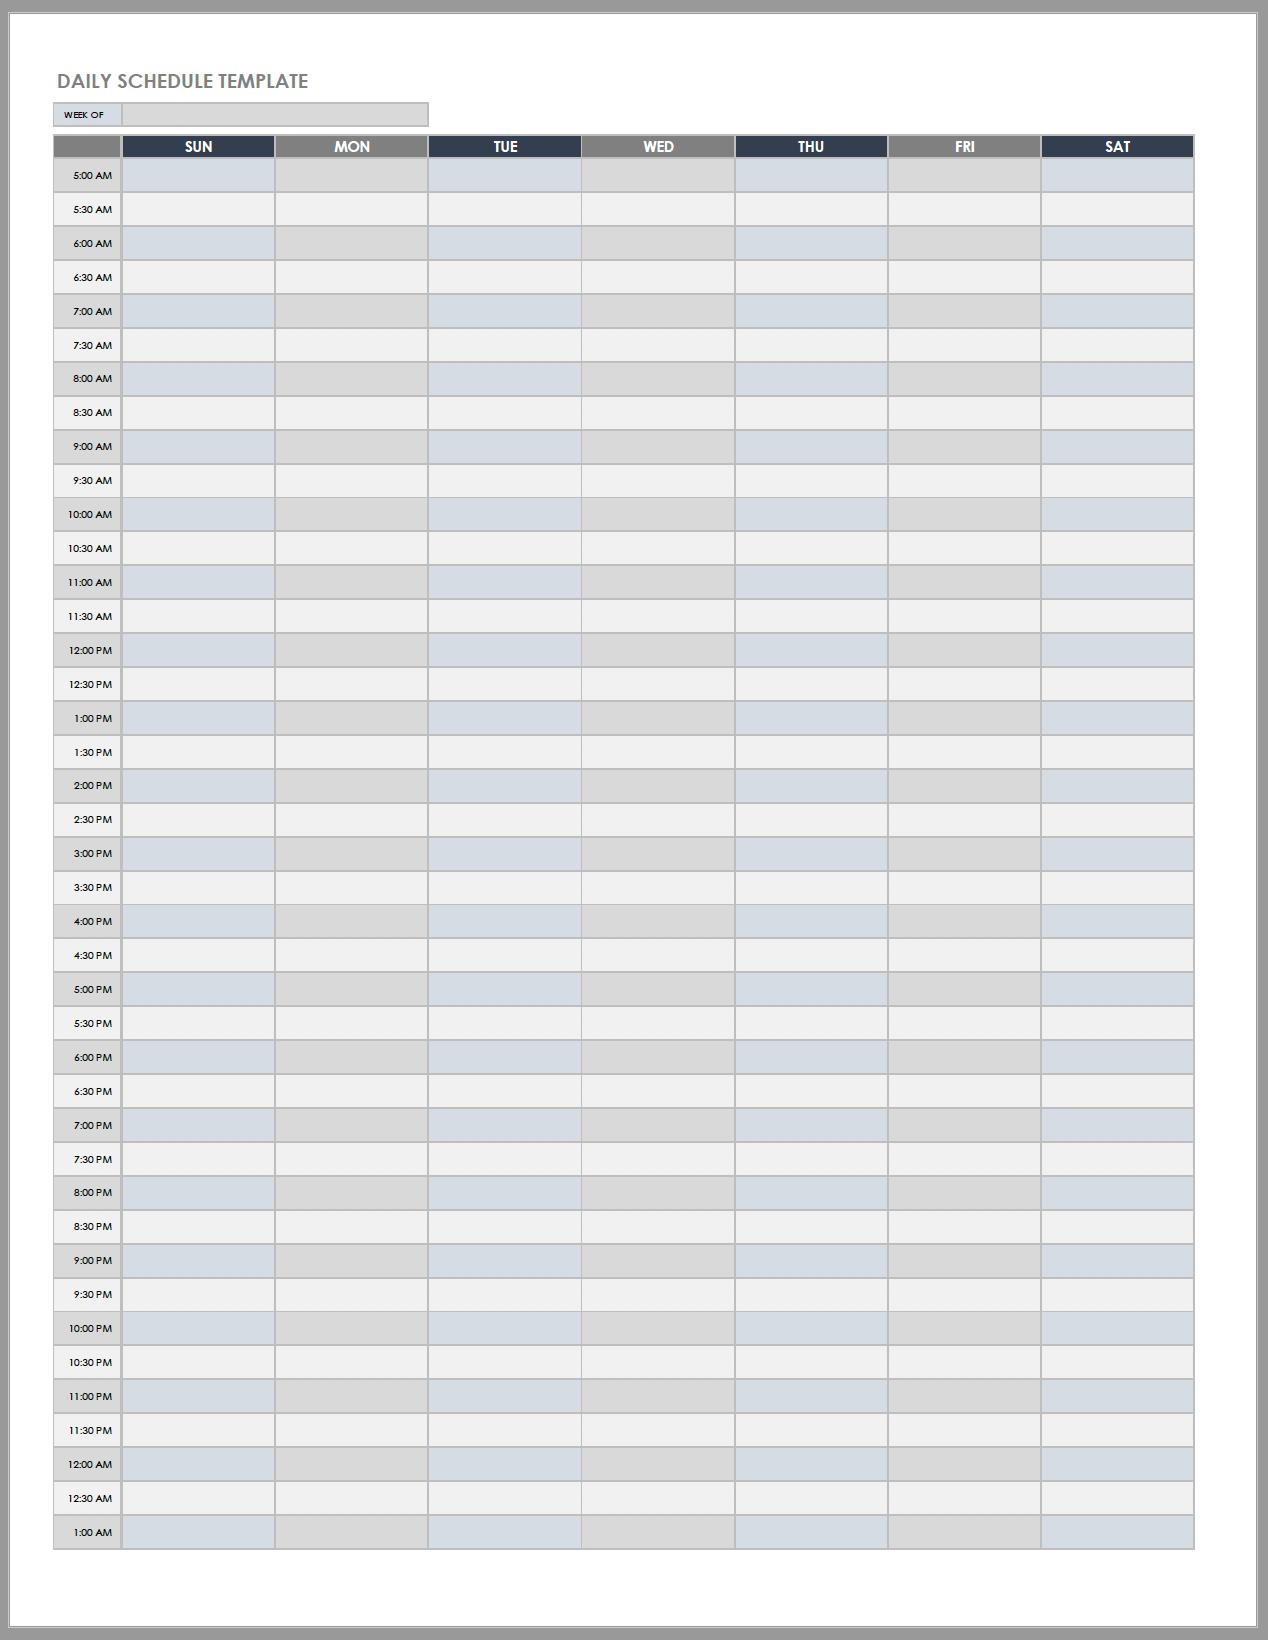 Free Daily Work Schedule Templates   Smartsheet